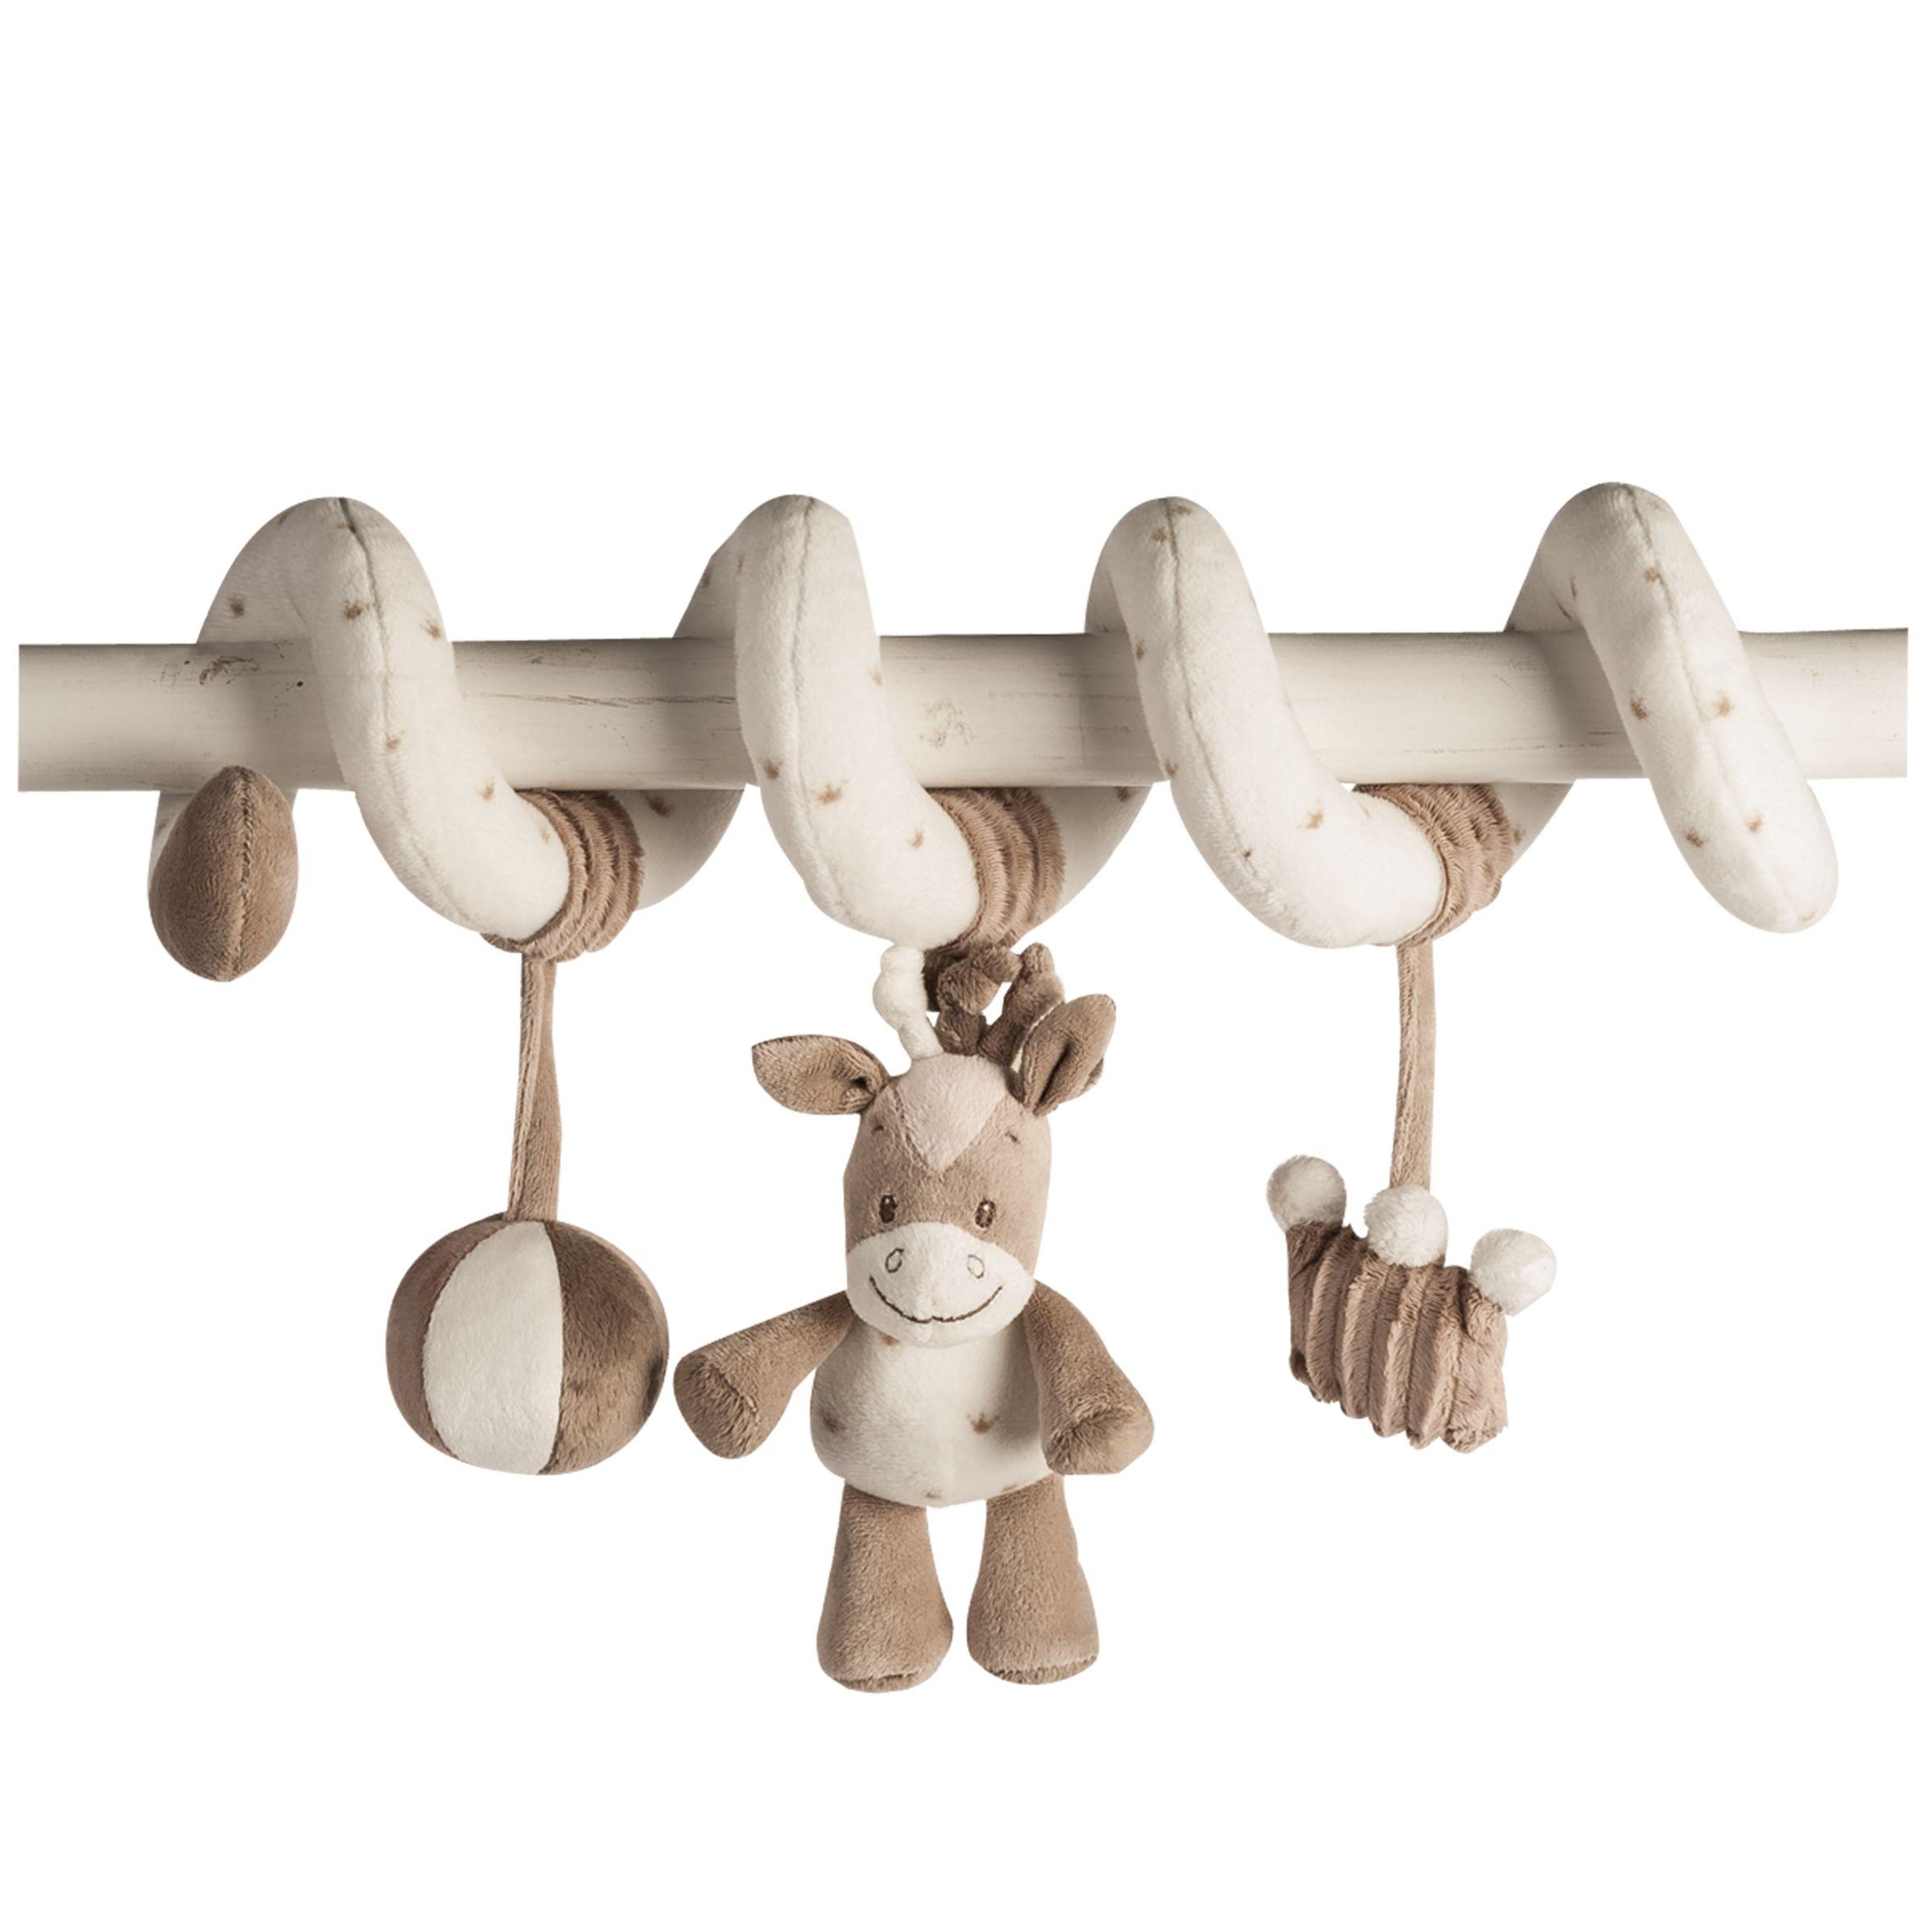 Nattou Nattou Noa The Horse Activity Spiral Toy